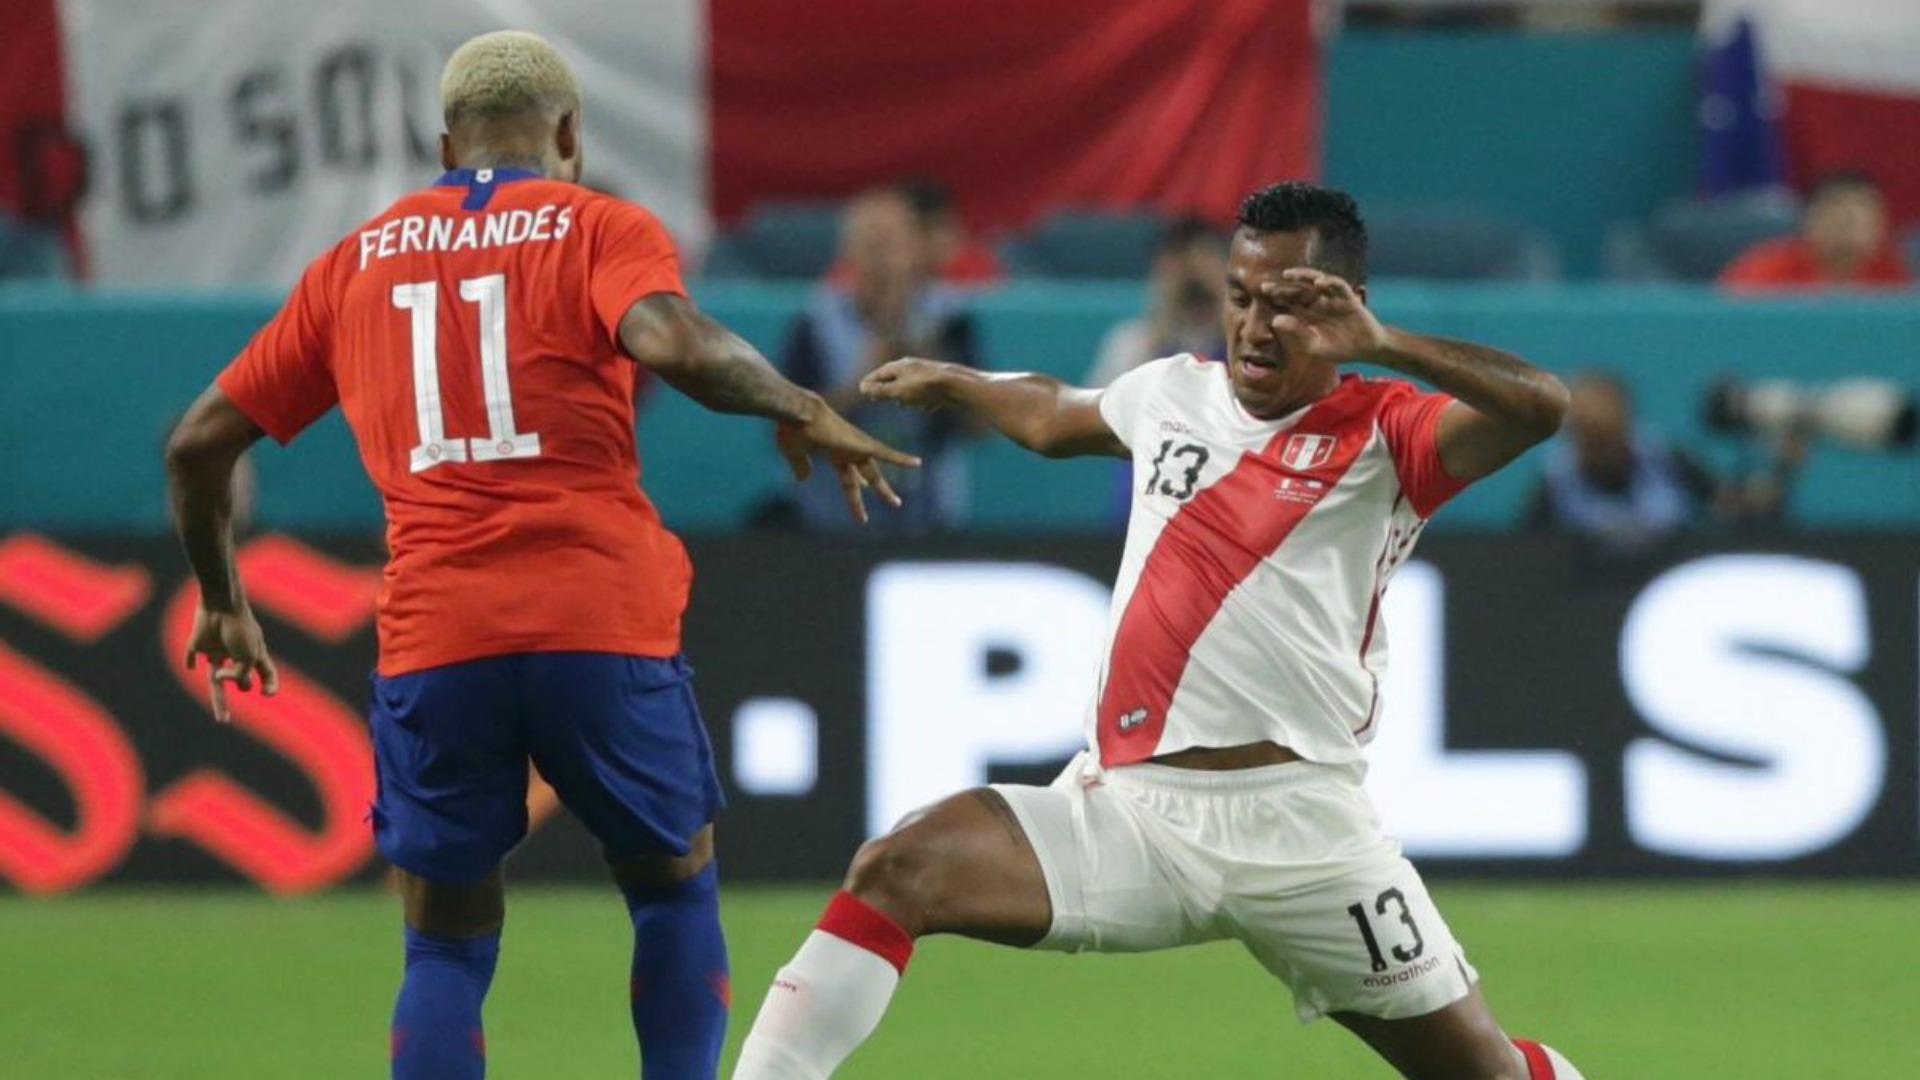 Junior Fernandes - Perú